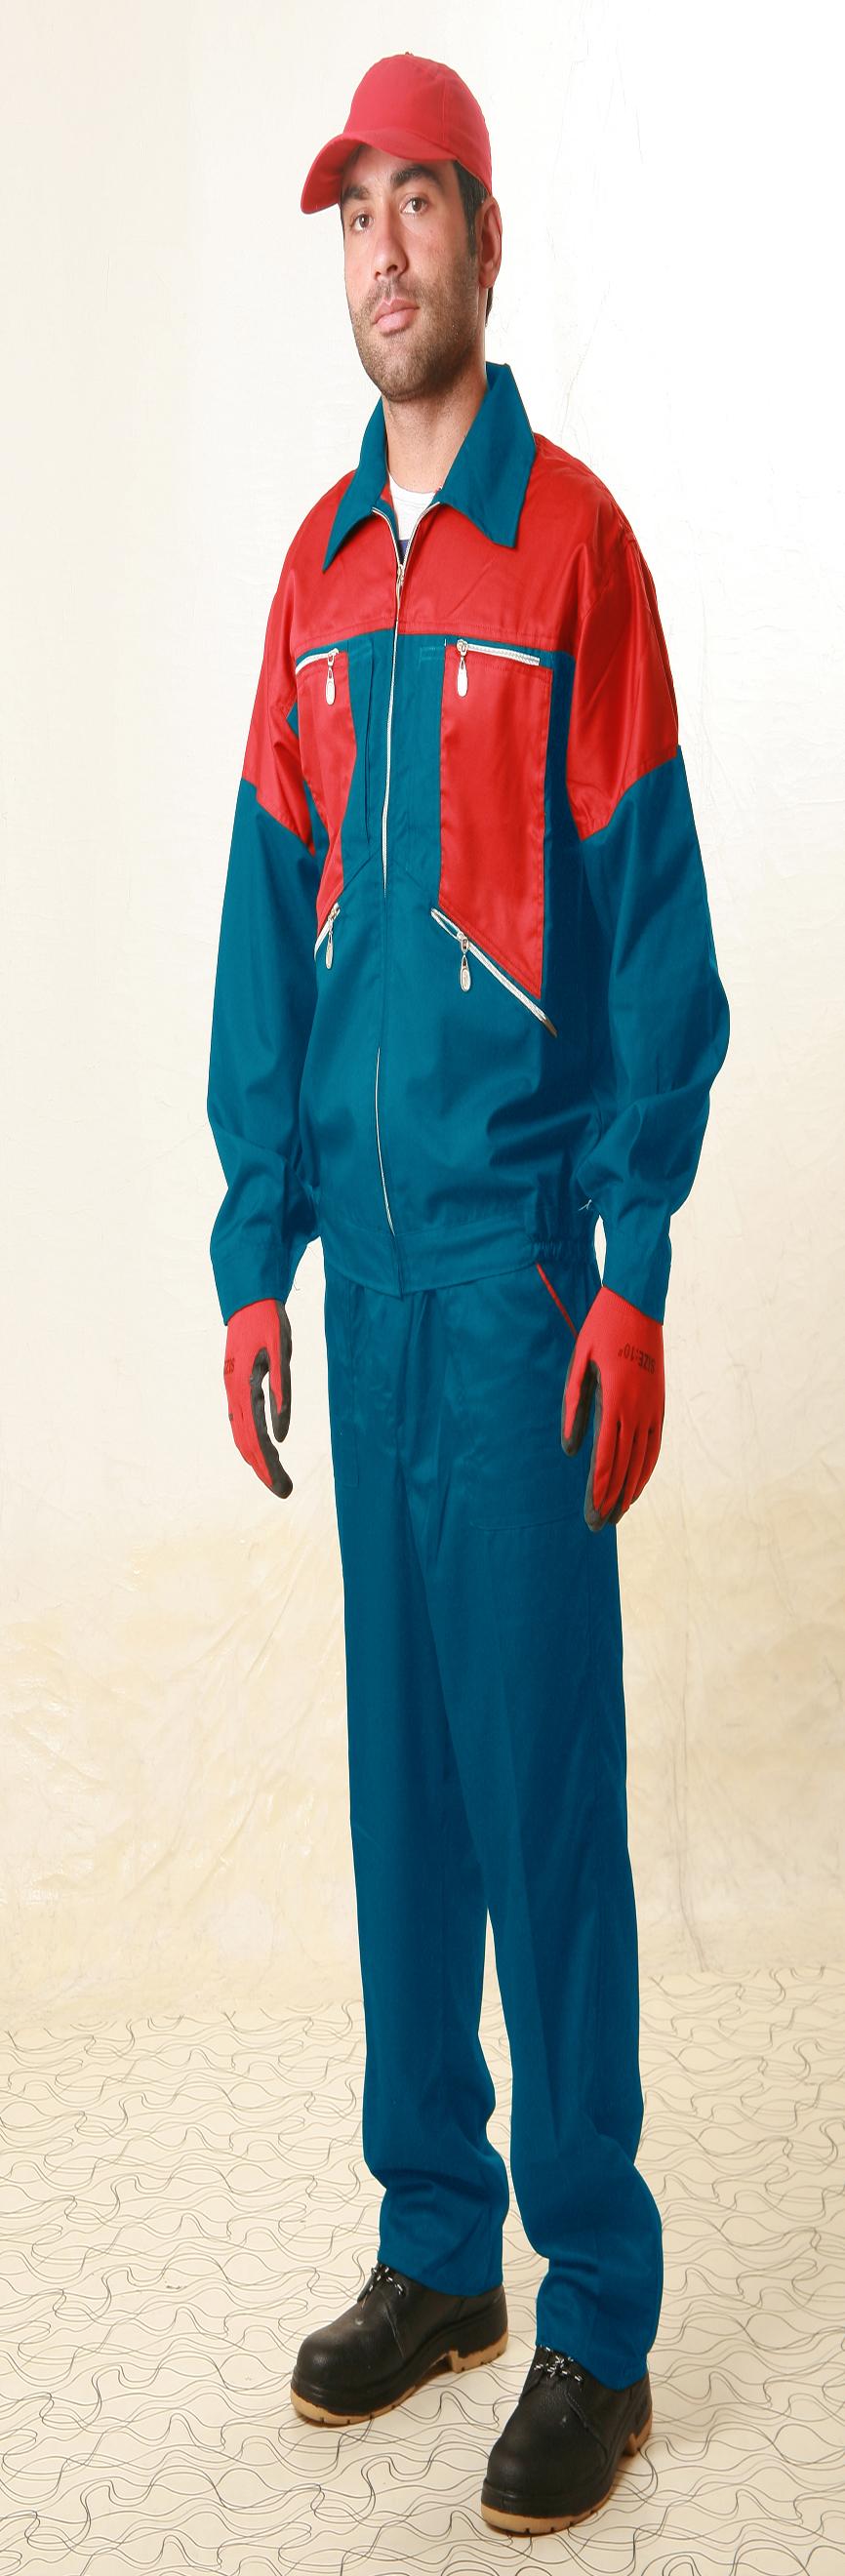 لباس کار ۲ تکه ( مدل سورن)